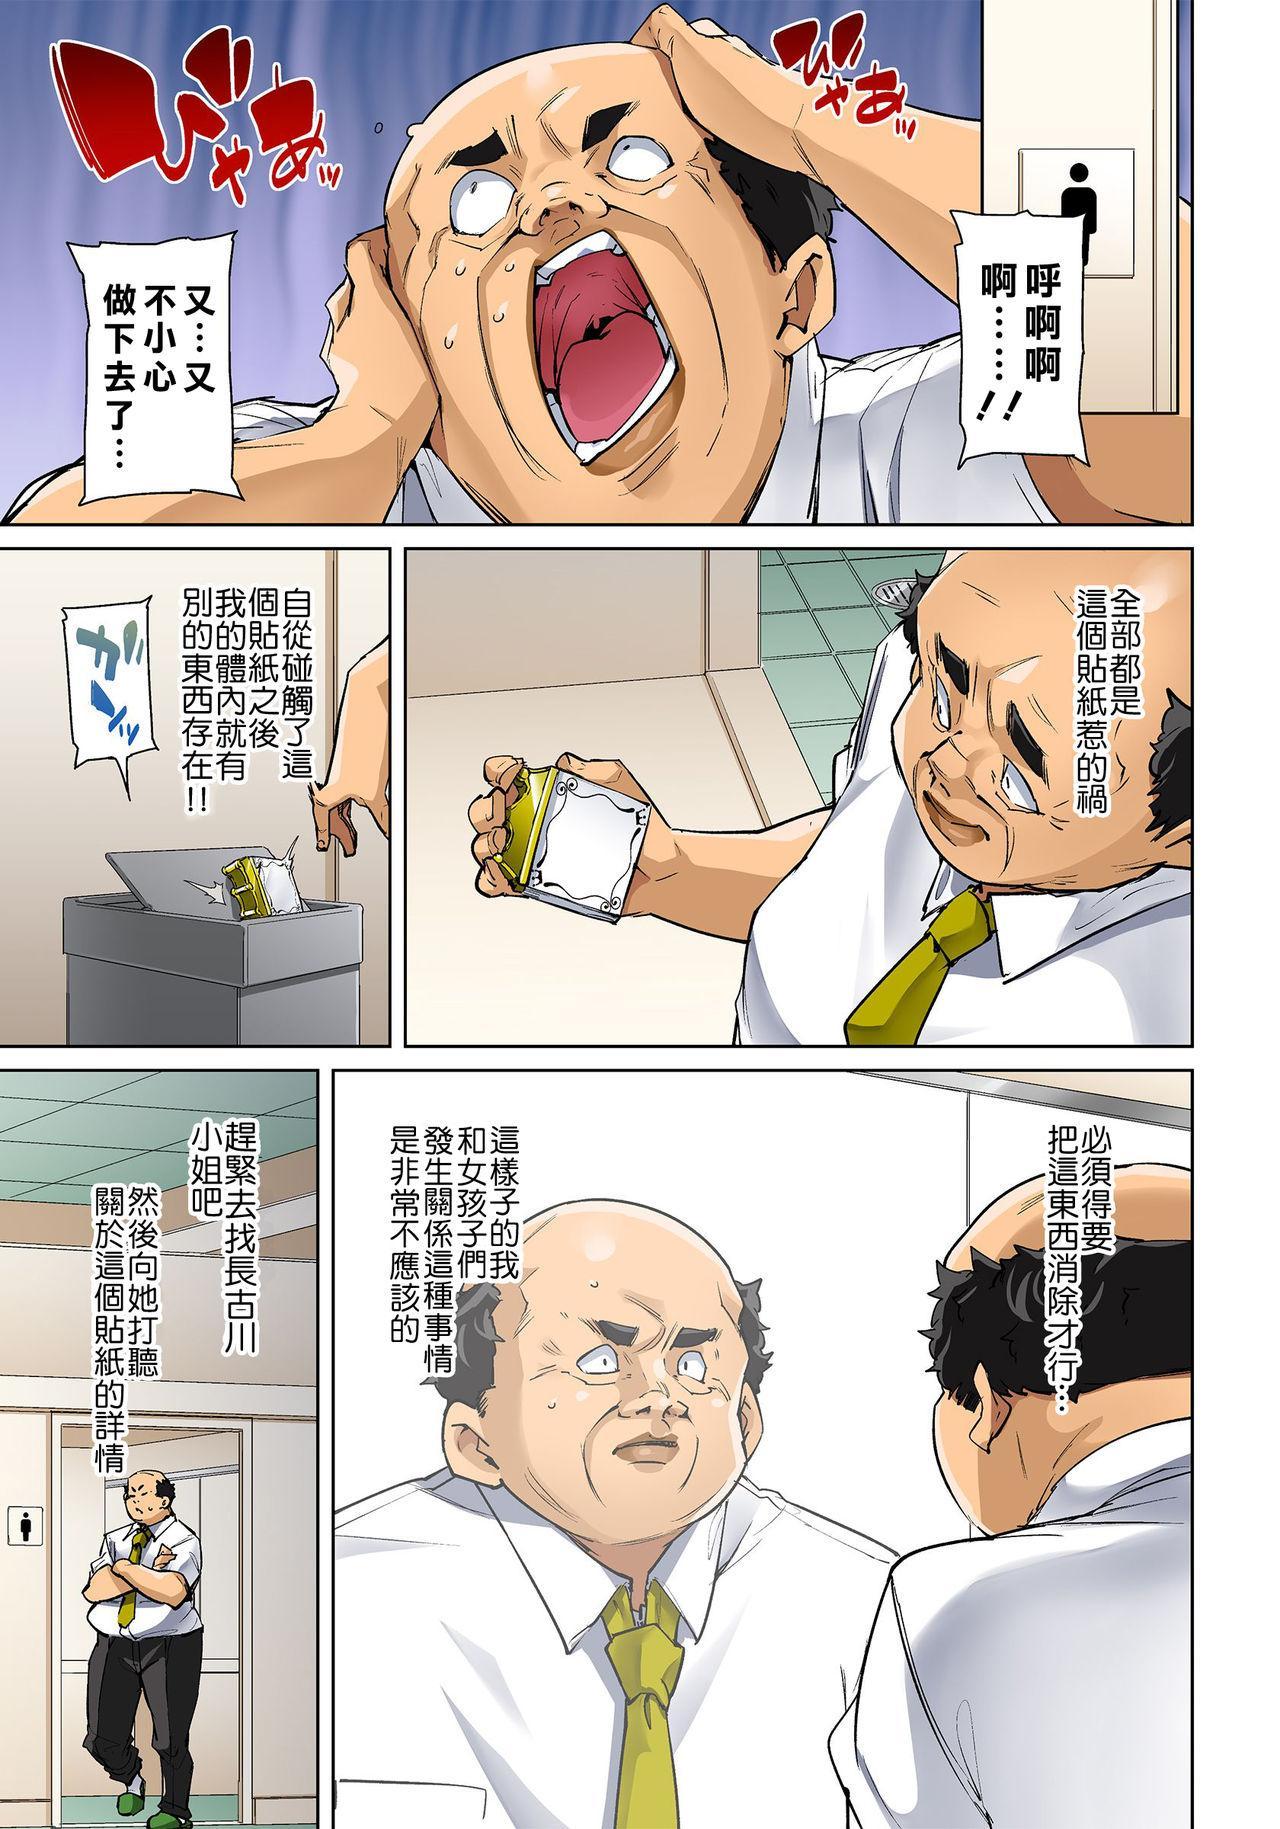 [Marui Maru] Hattara Yarechau!? Ero Seal ~Wagamama JK no Asoko o Tatta 1-mai de Dorei ni~ 1-20 [Chinese] [Den個人漢化] [Digital] 408